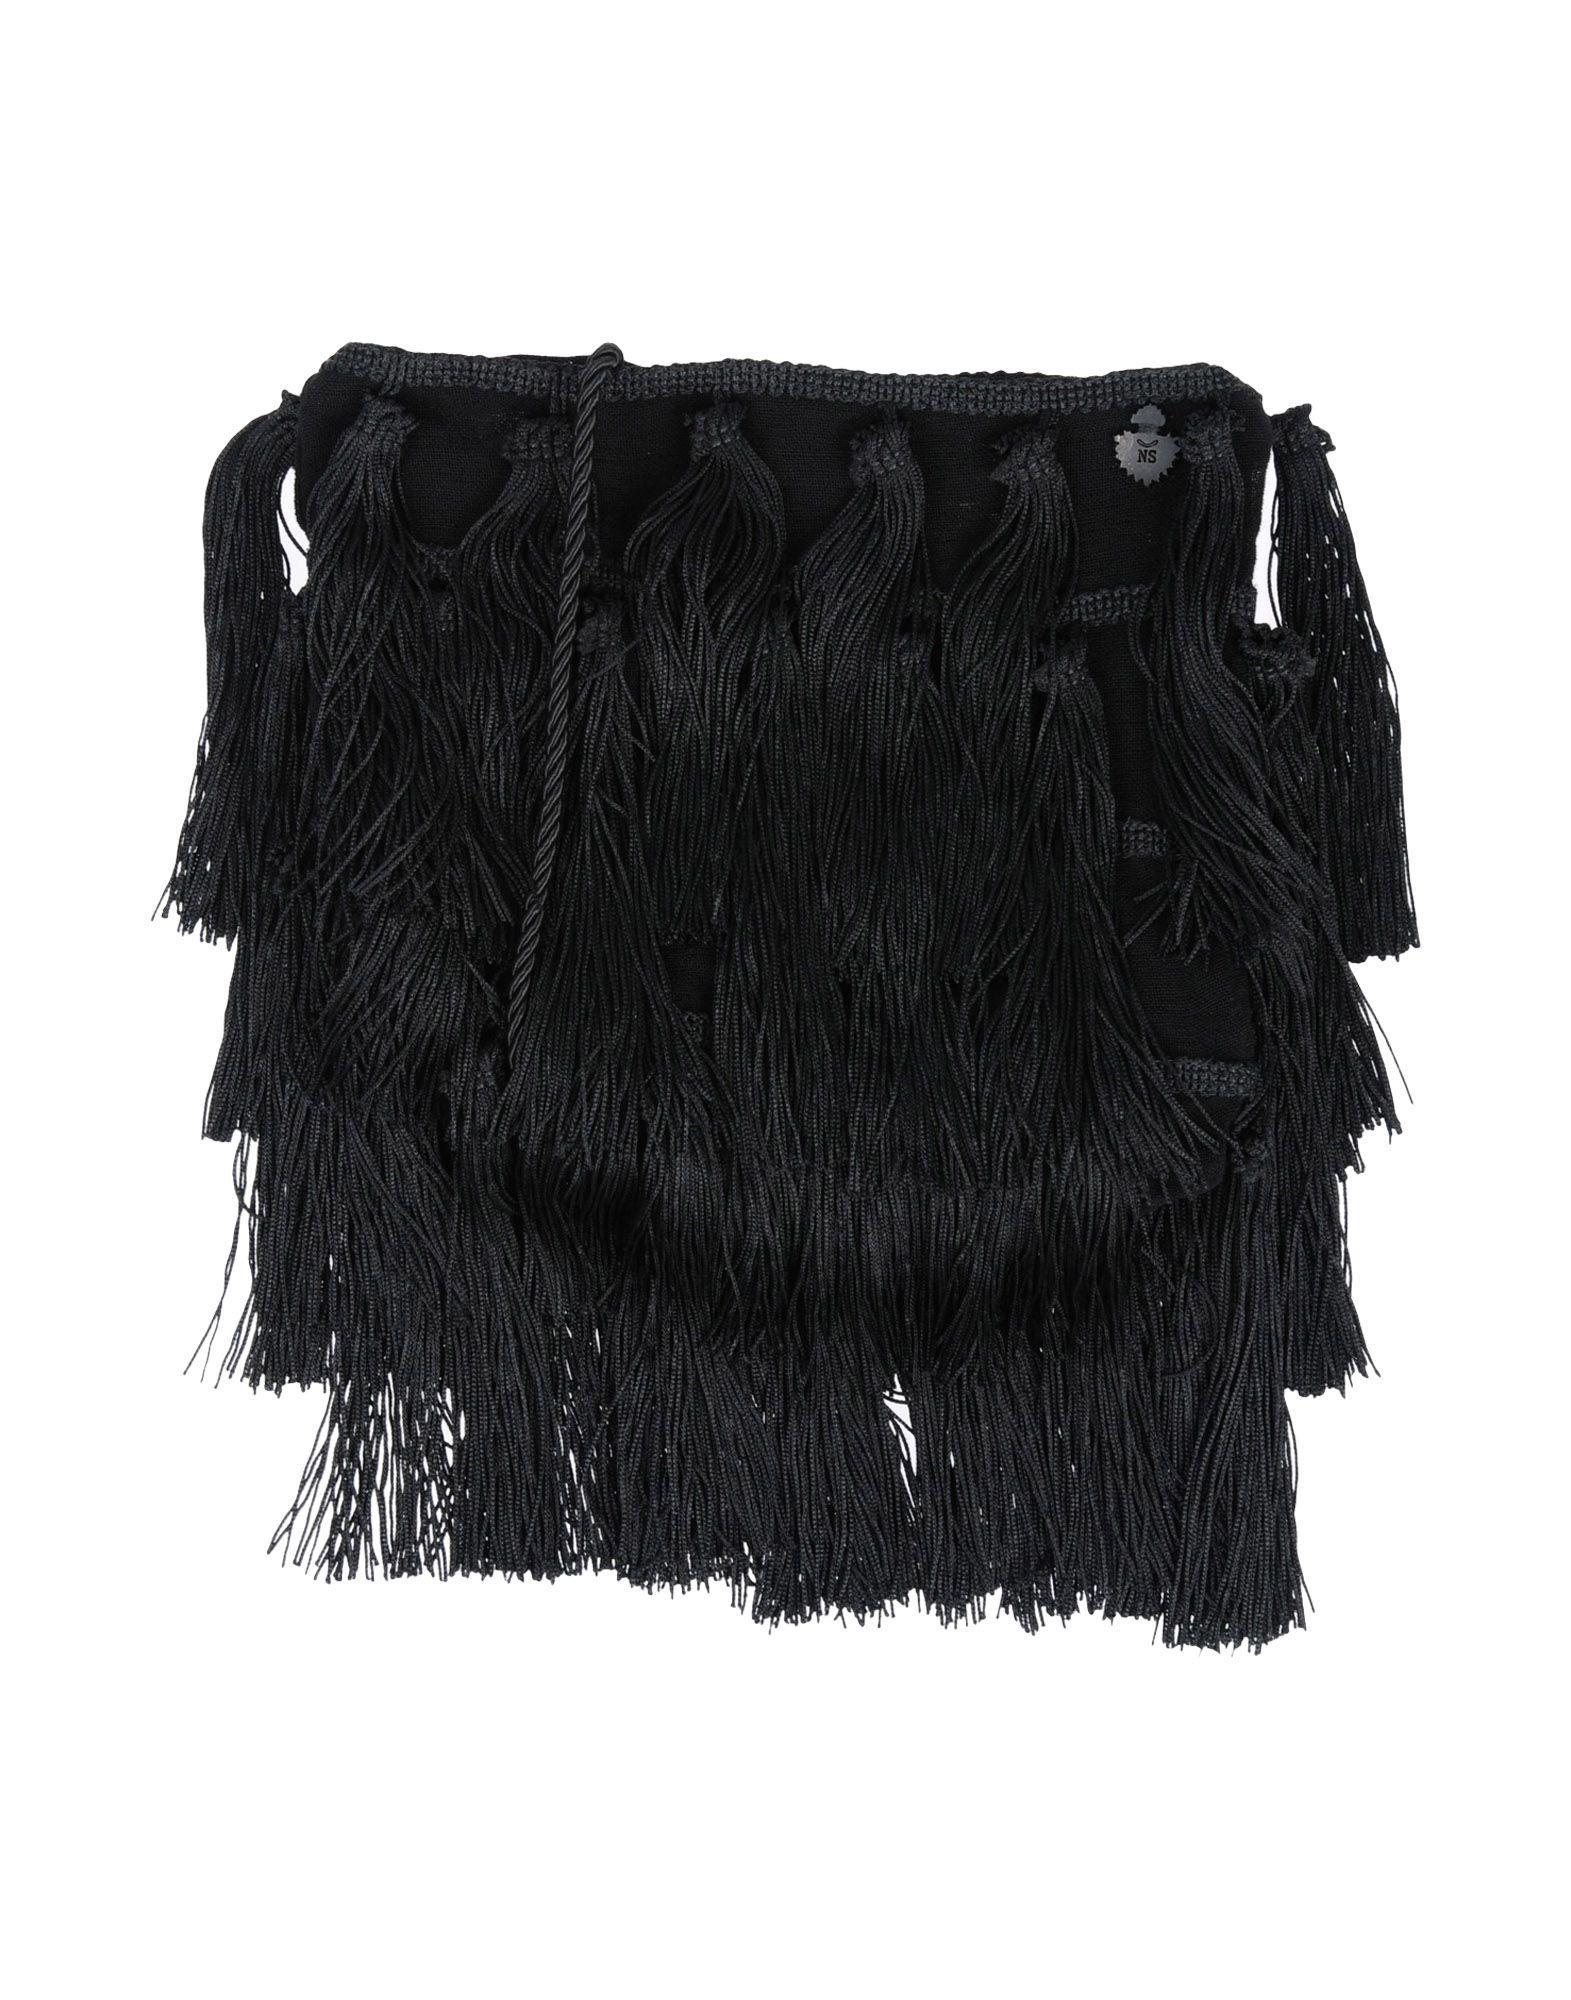 NOSTRASANTISSIMA Сумка через плечо aliwilliam® 2015 новый женский мини цепь плечо сумка дизайнер сумки crossbody сумка для женщин малый messenger мешок 5 цветов